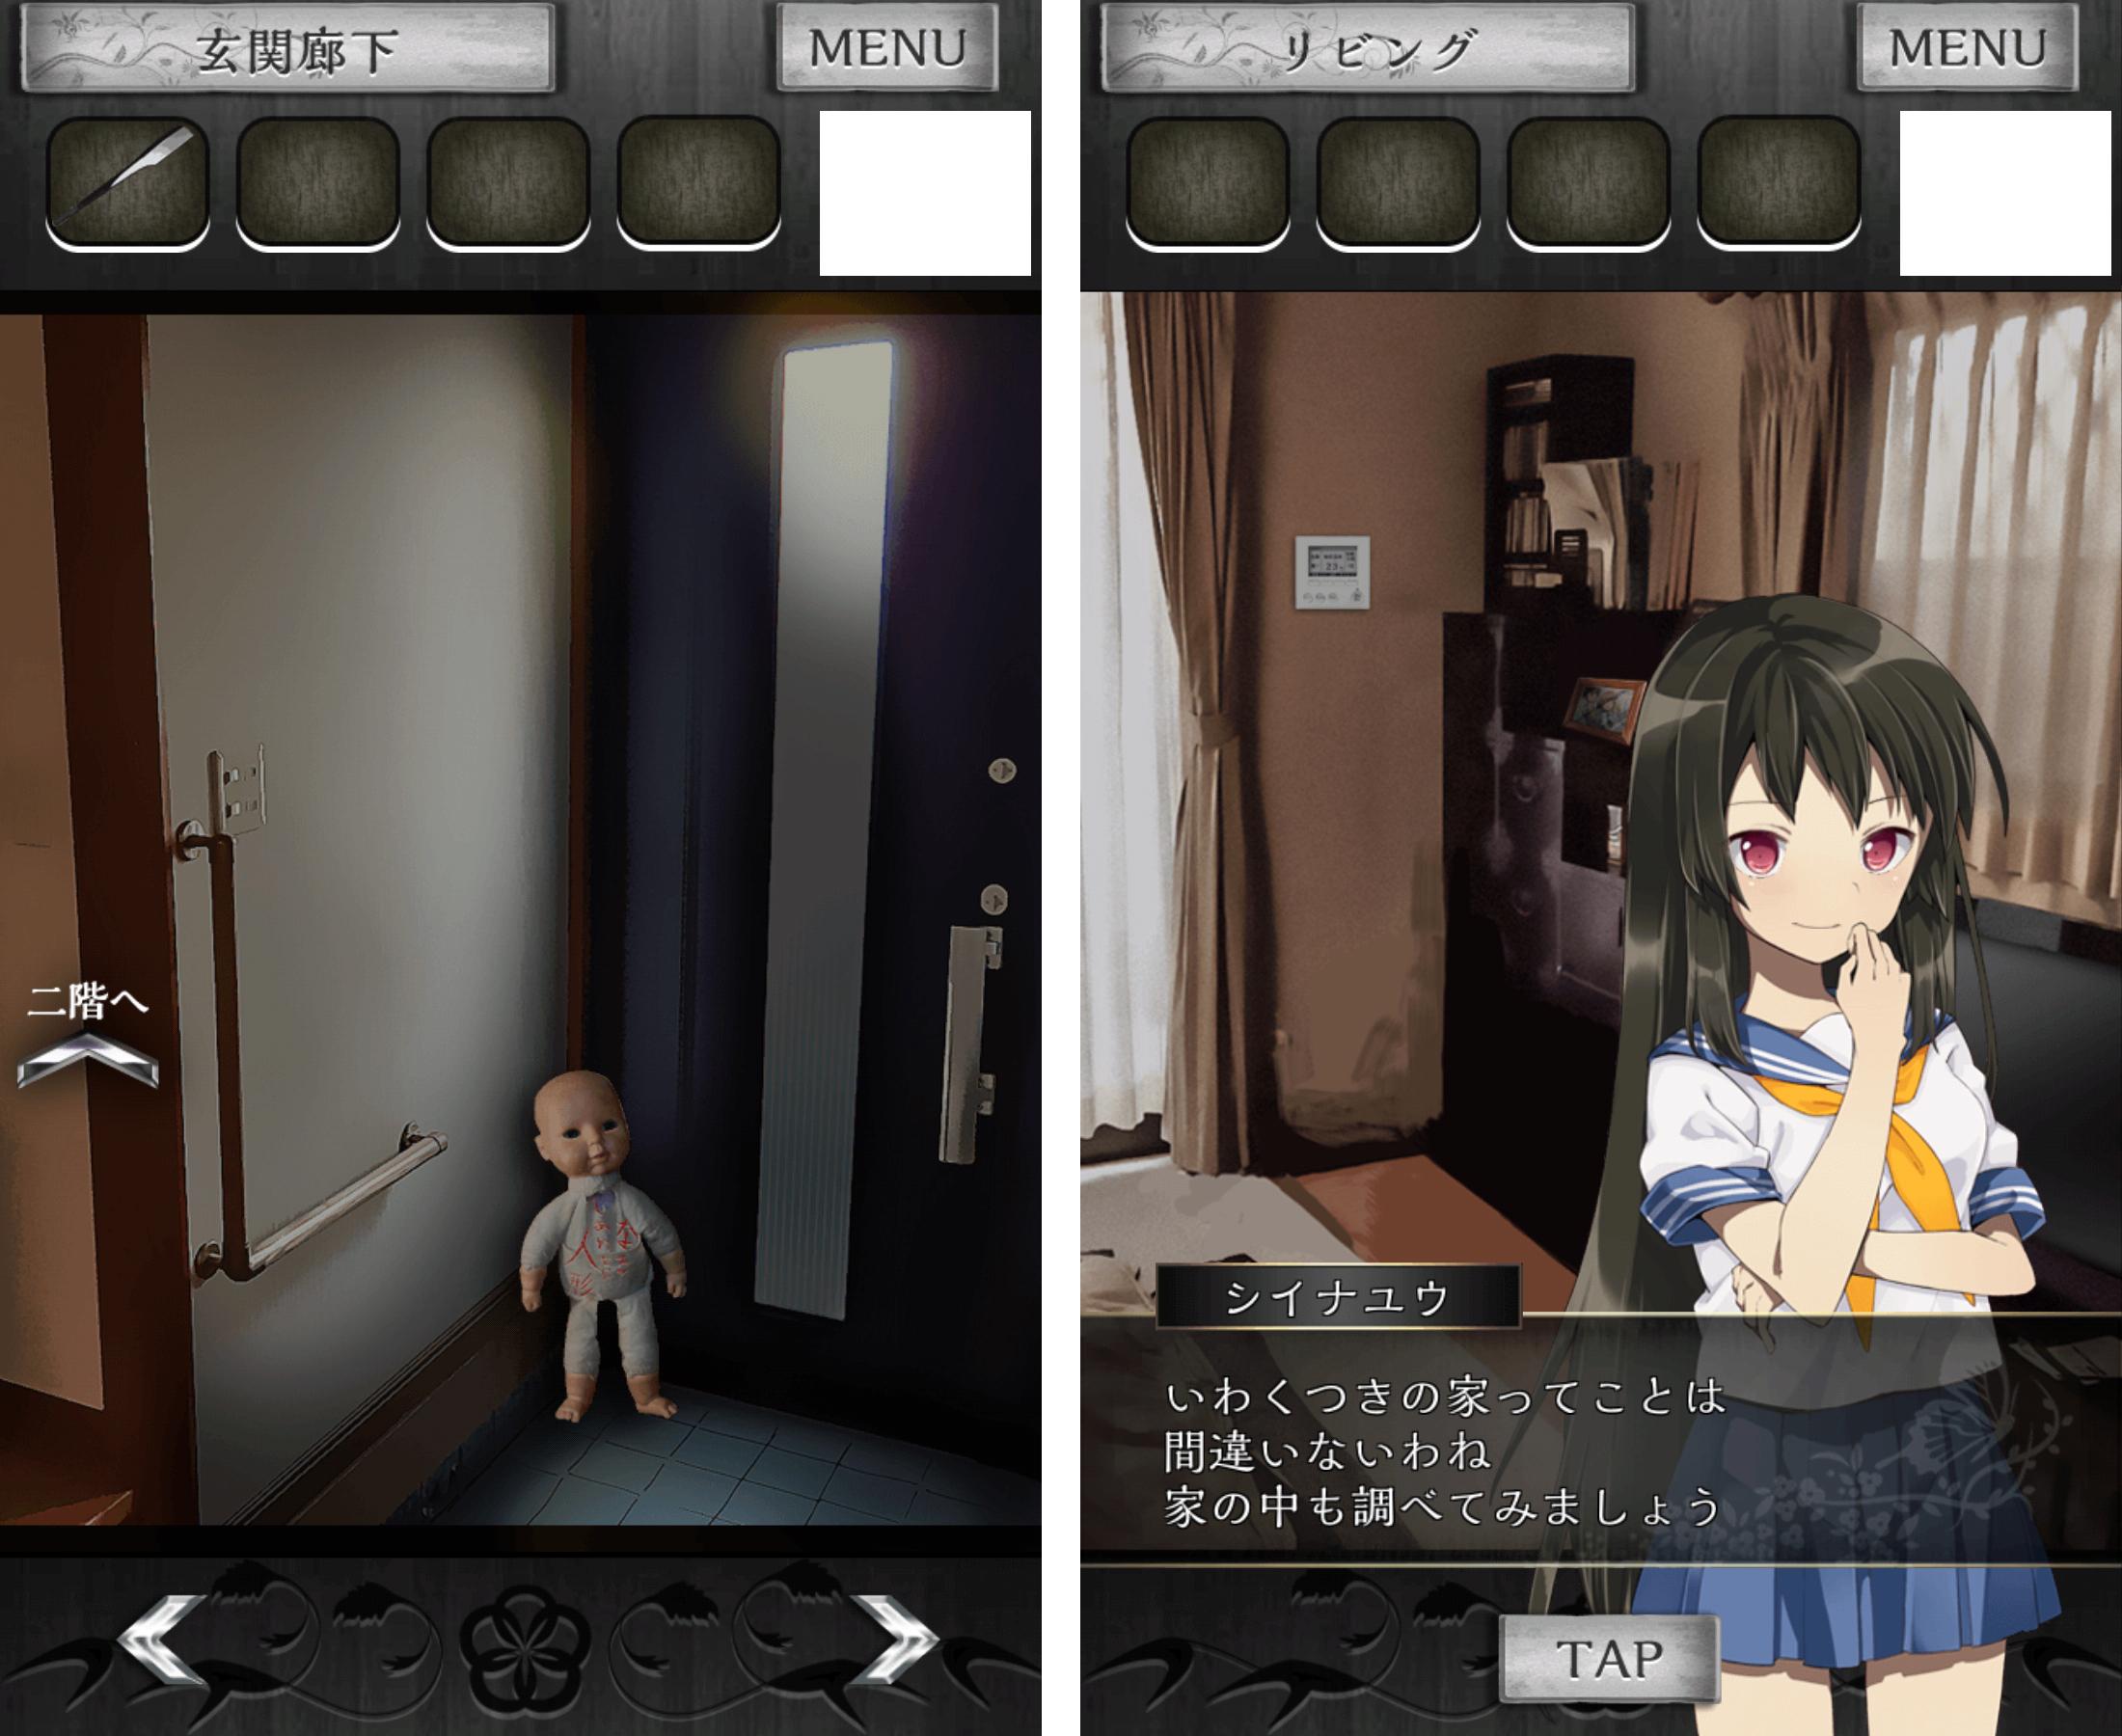 脱出ゲーム 事故物件からの脱出 androidアプリスクリーンショット1